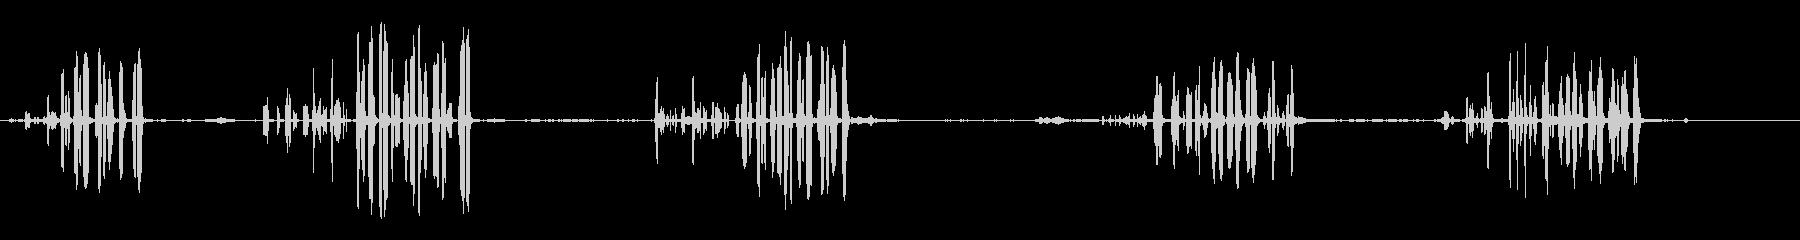 ラーク2の未再生の波形